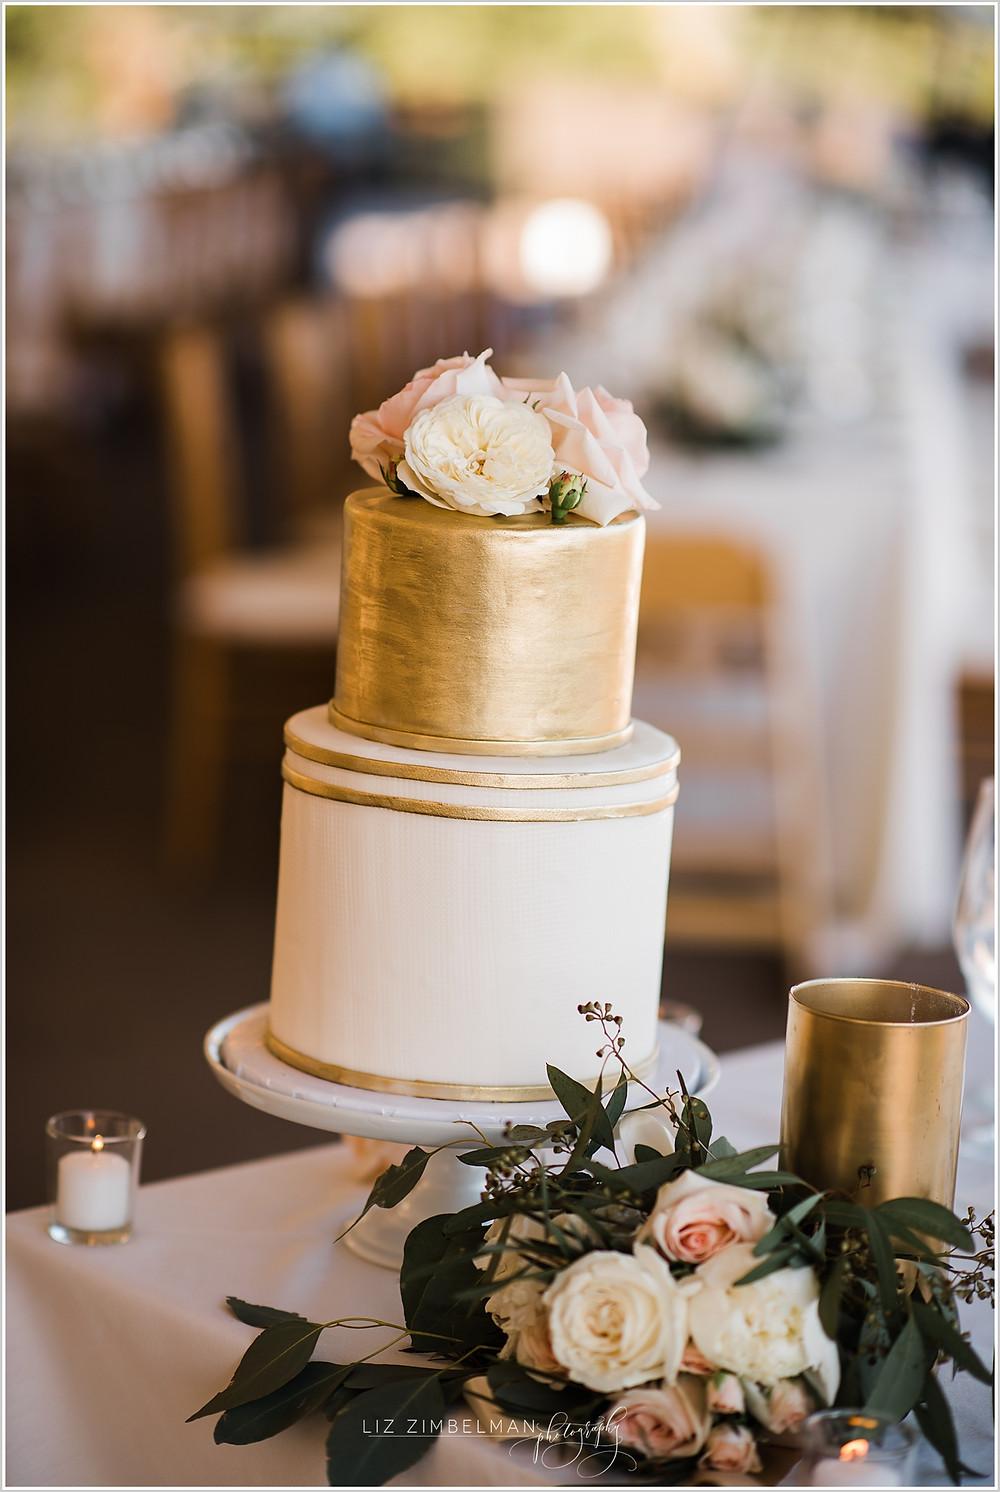 Cake topper flowers on wedding cake